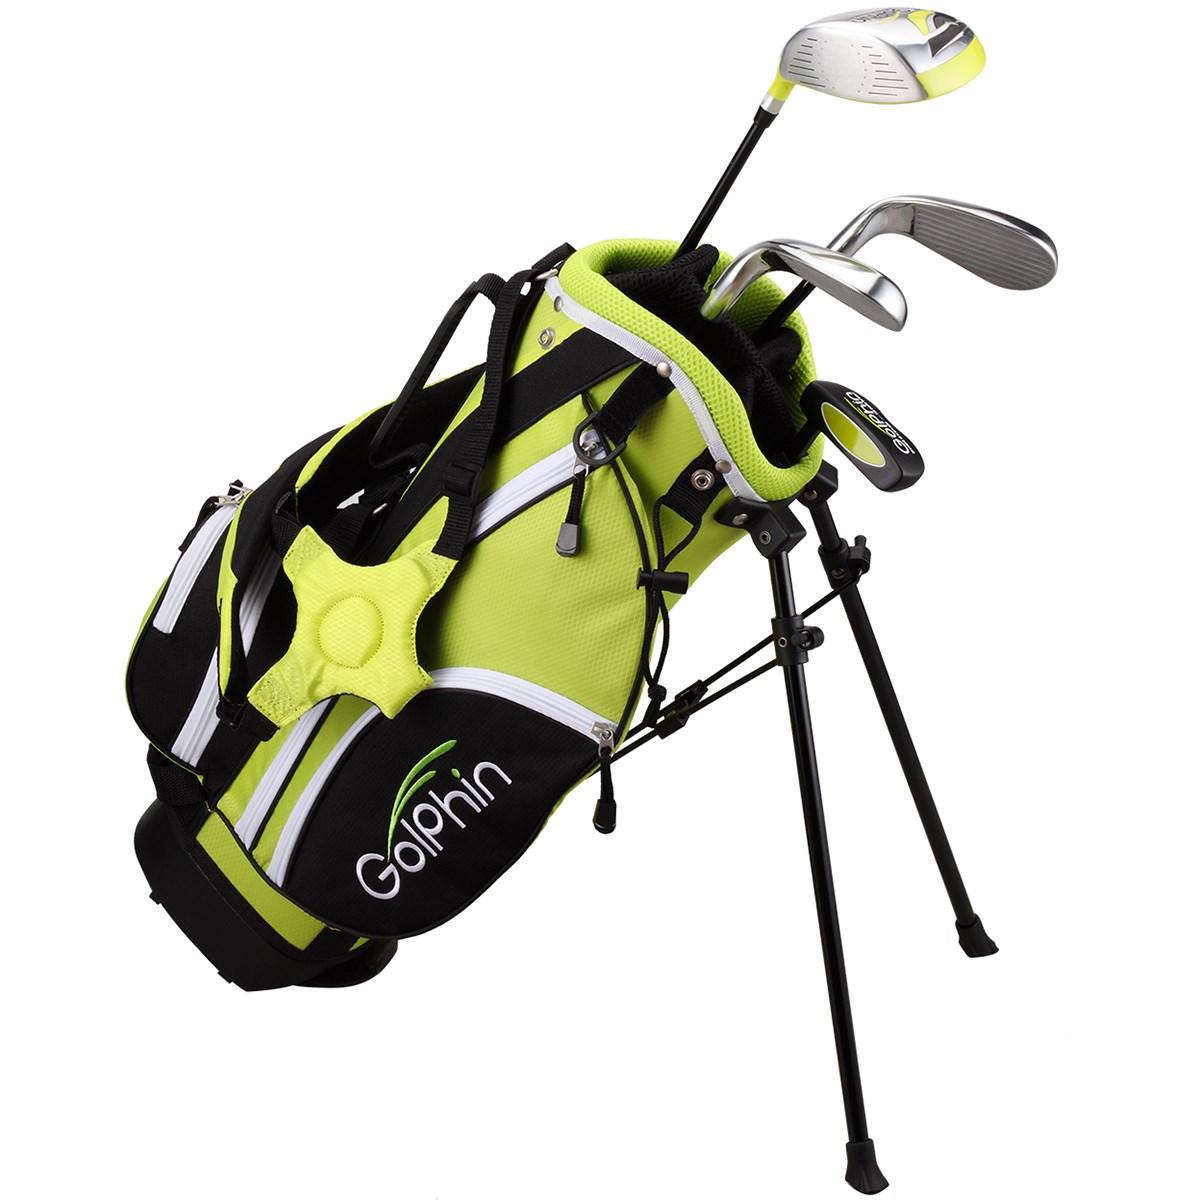 ダイヤゴルフ DAIYA GOLF ゴルフィン クラブセット526(4本セット) 5-6歳用 UNI イエロー ジュニア